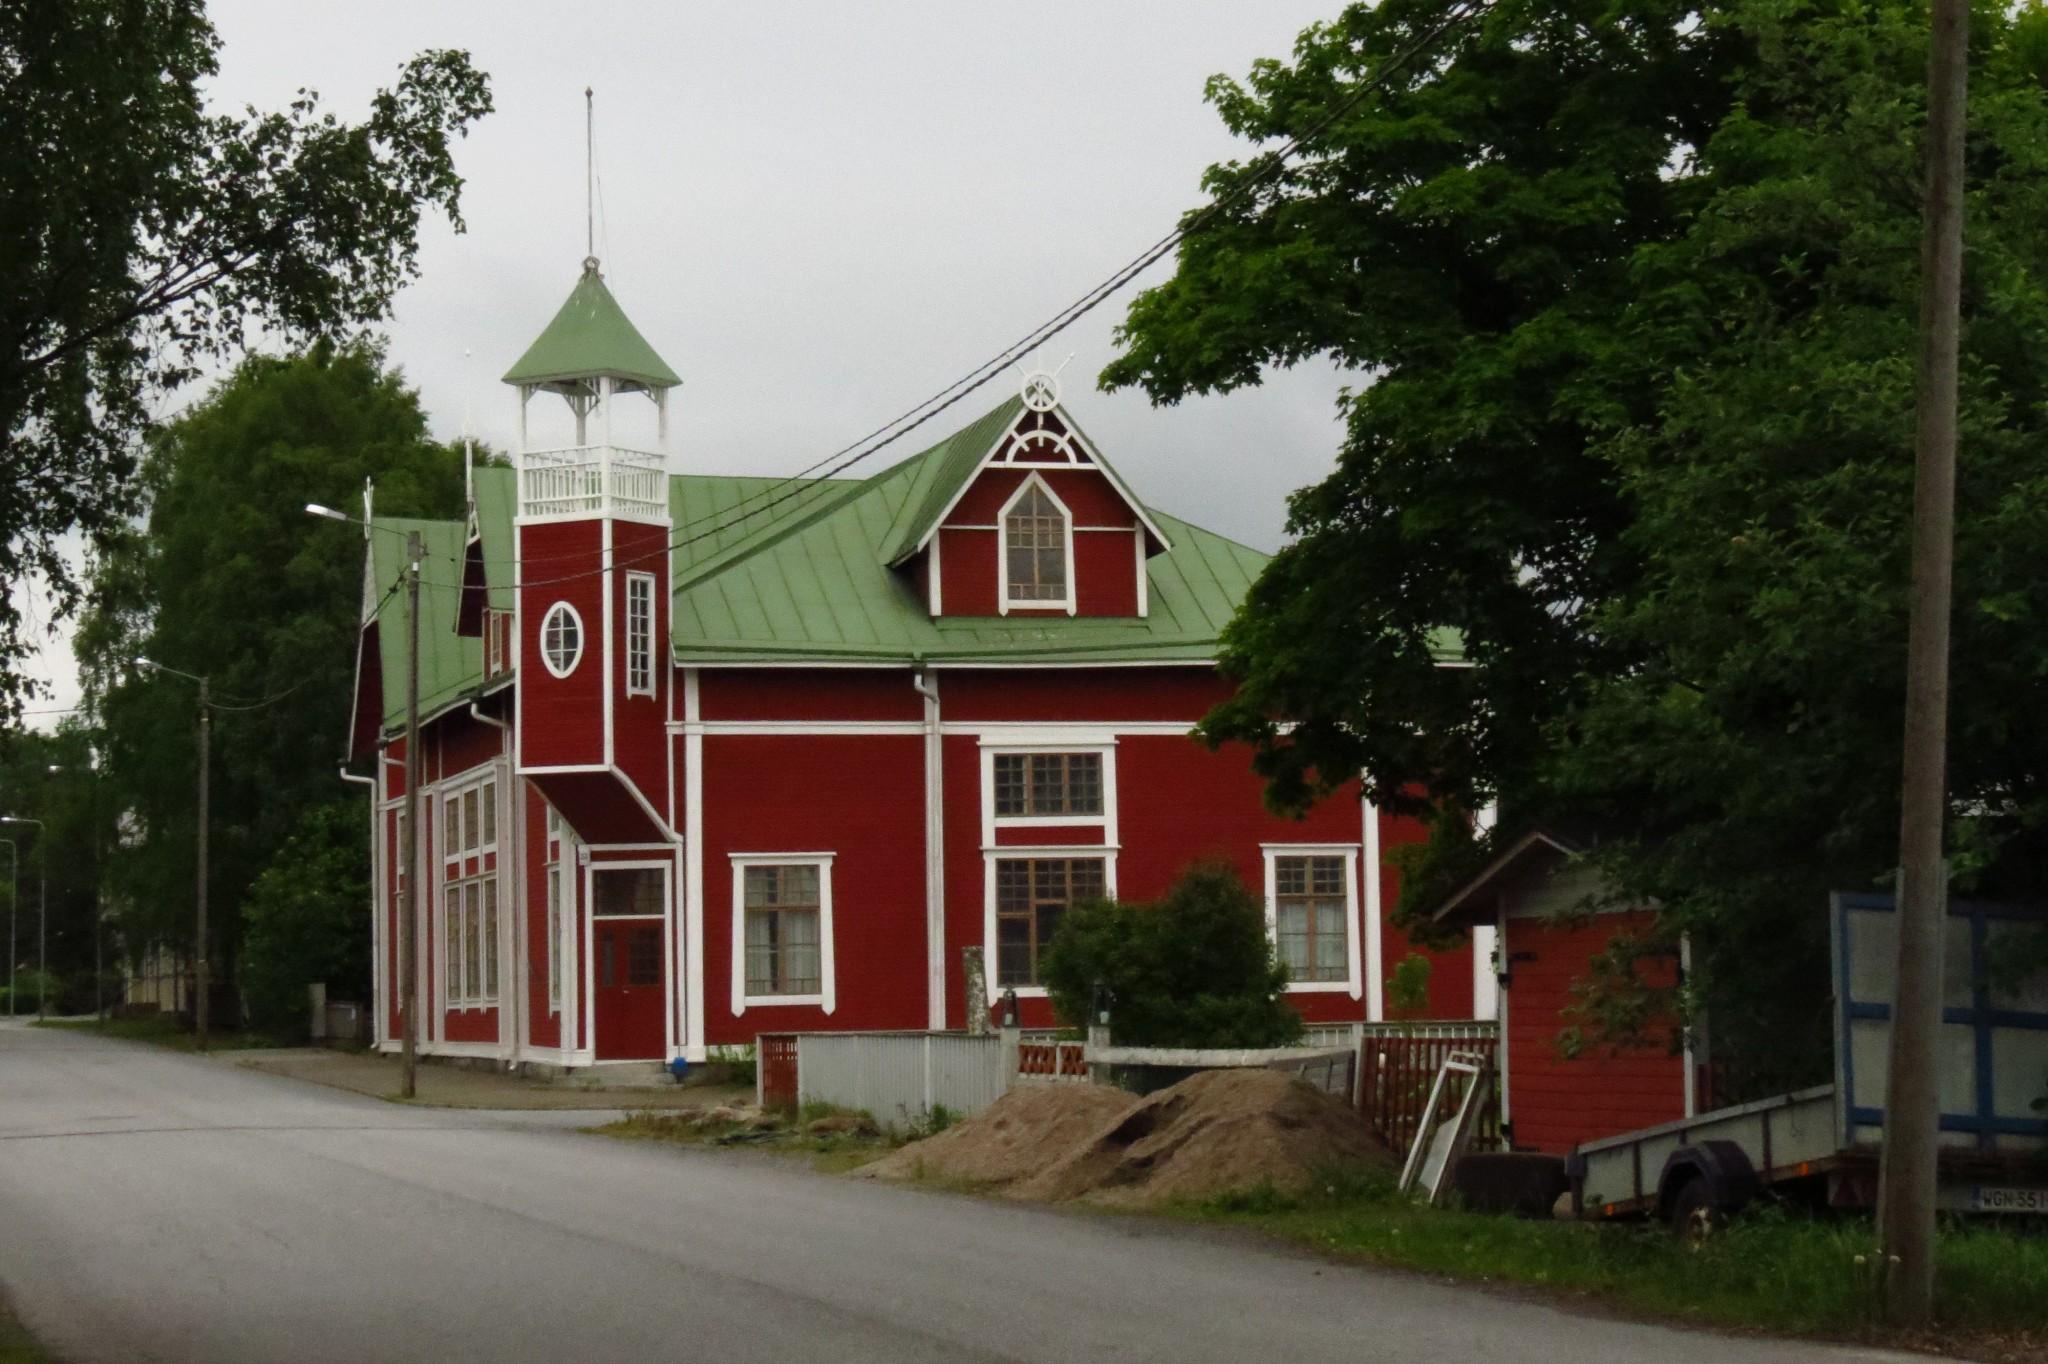 Söpö ja kaunis, mutta siinä se sitten kaikki onkin, kuvaa Kaskista niin kuin tuota taloakin.